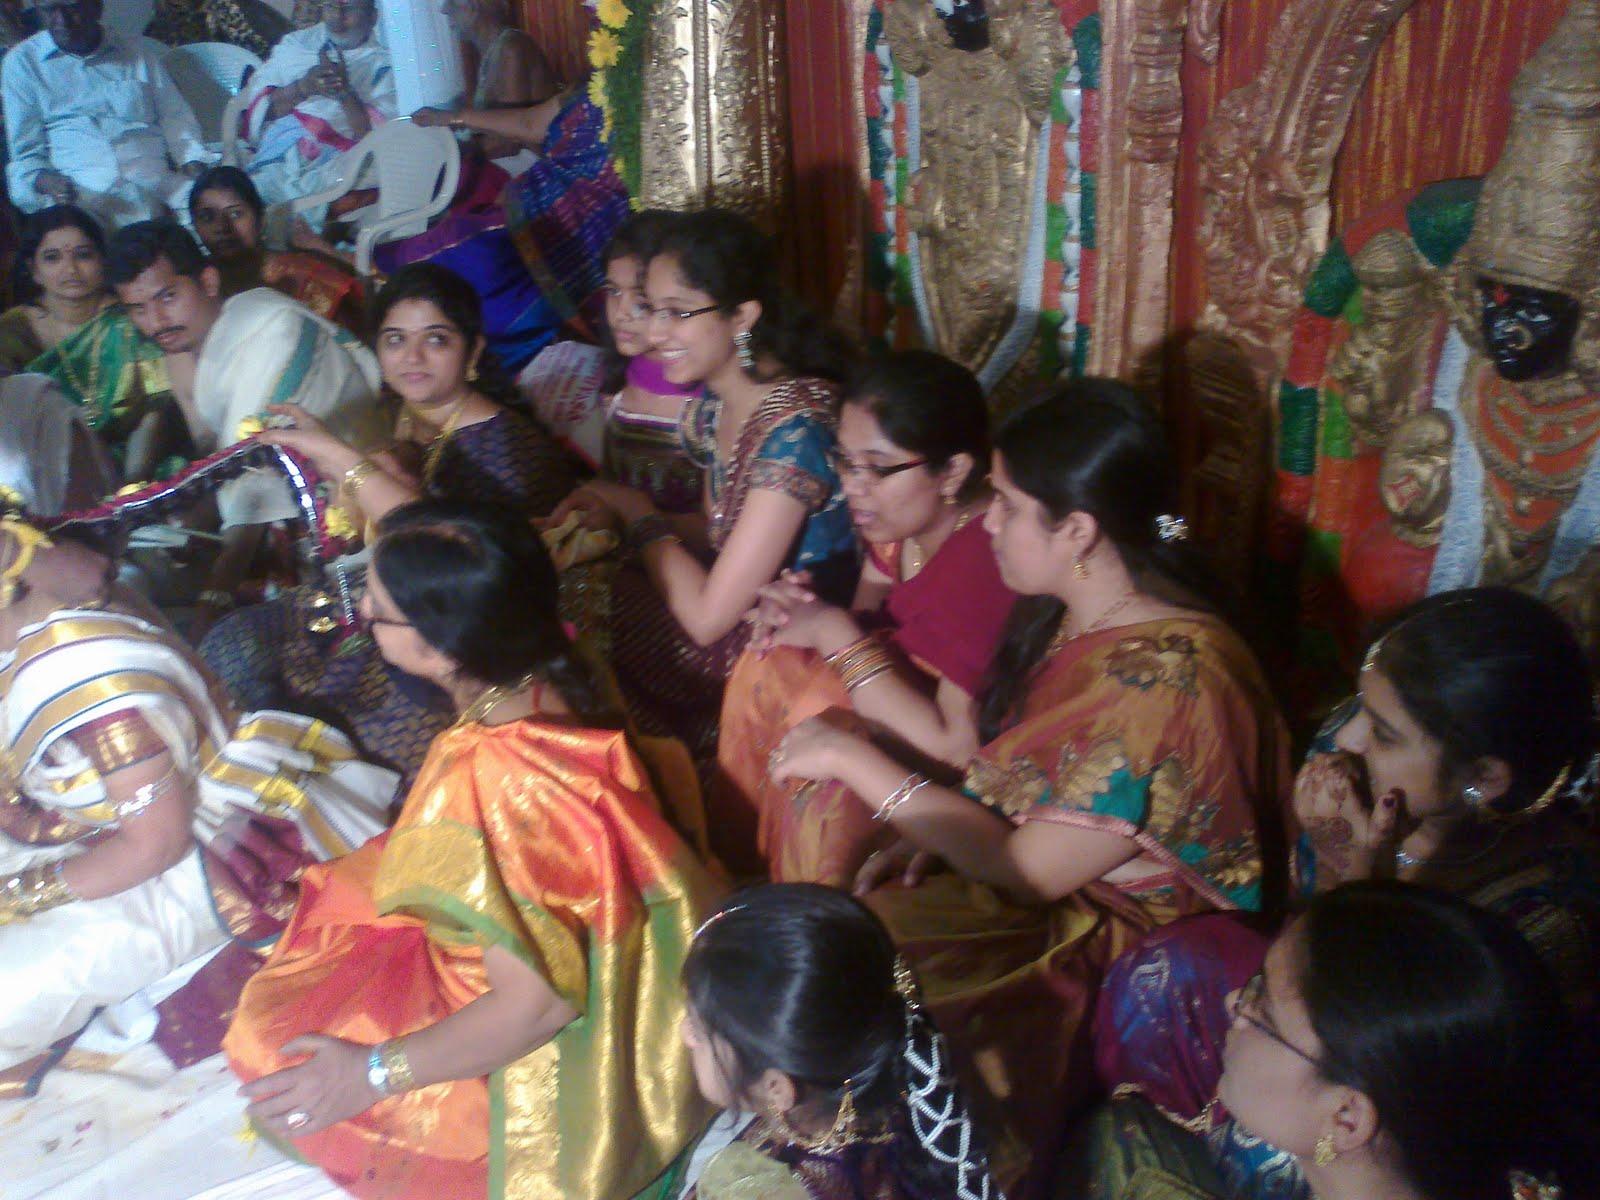 Chaganti Koteswara Rao Daughter's Wedding